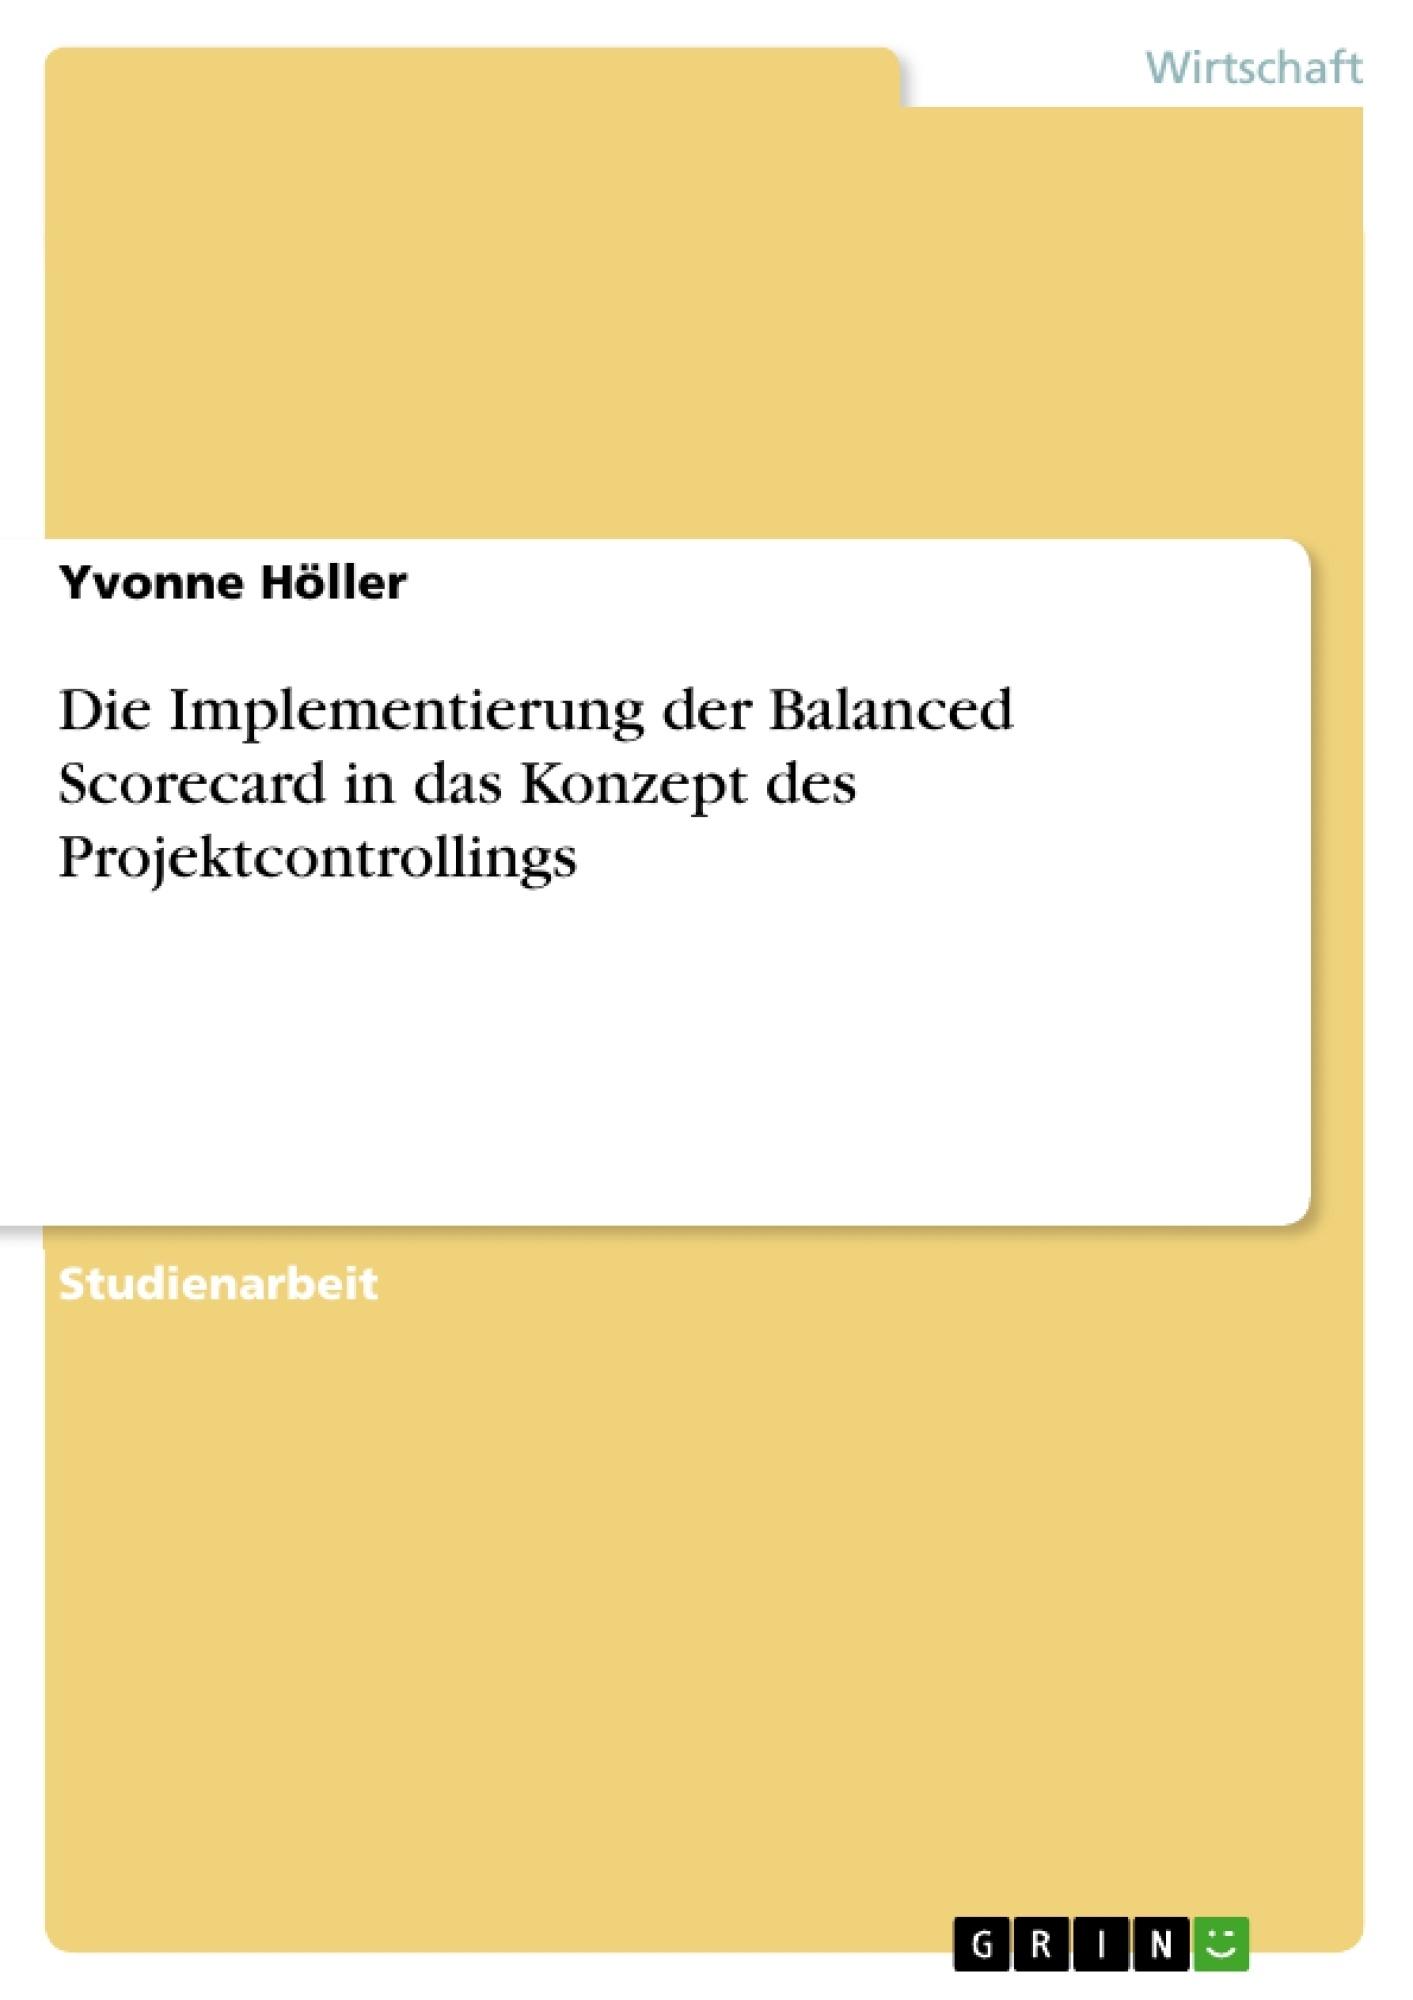 Titel: Die Implementierung der Balanced Scorecard in das Konzept des Projektcontrollings